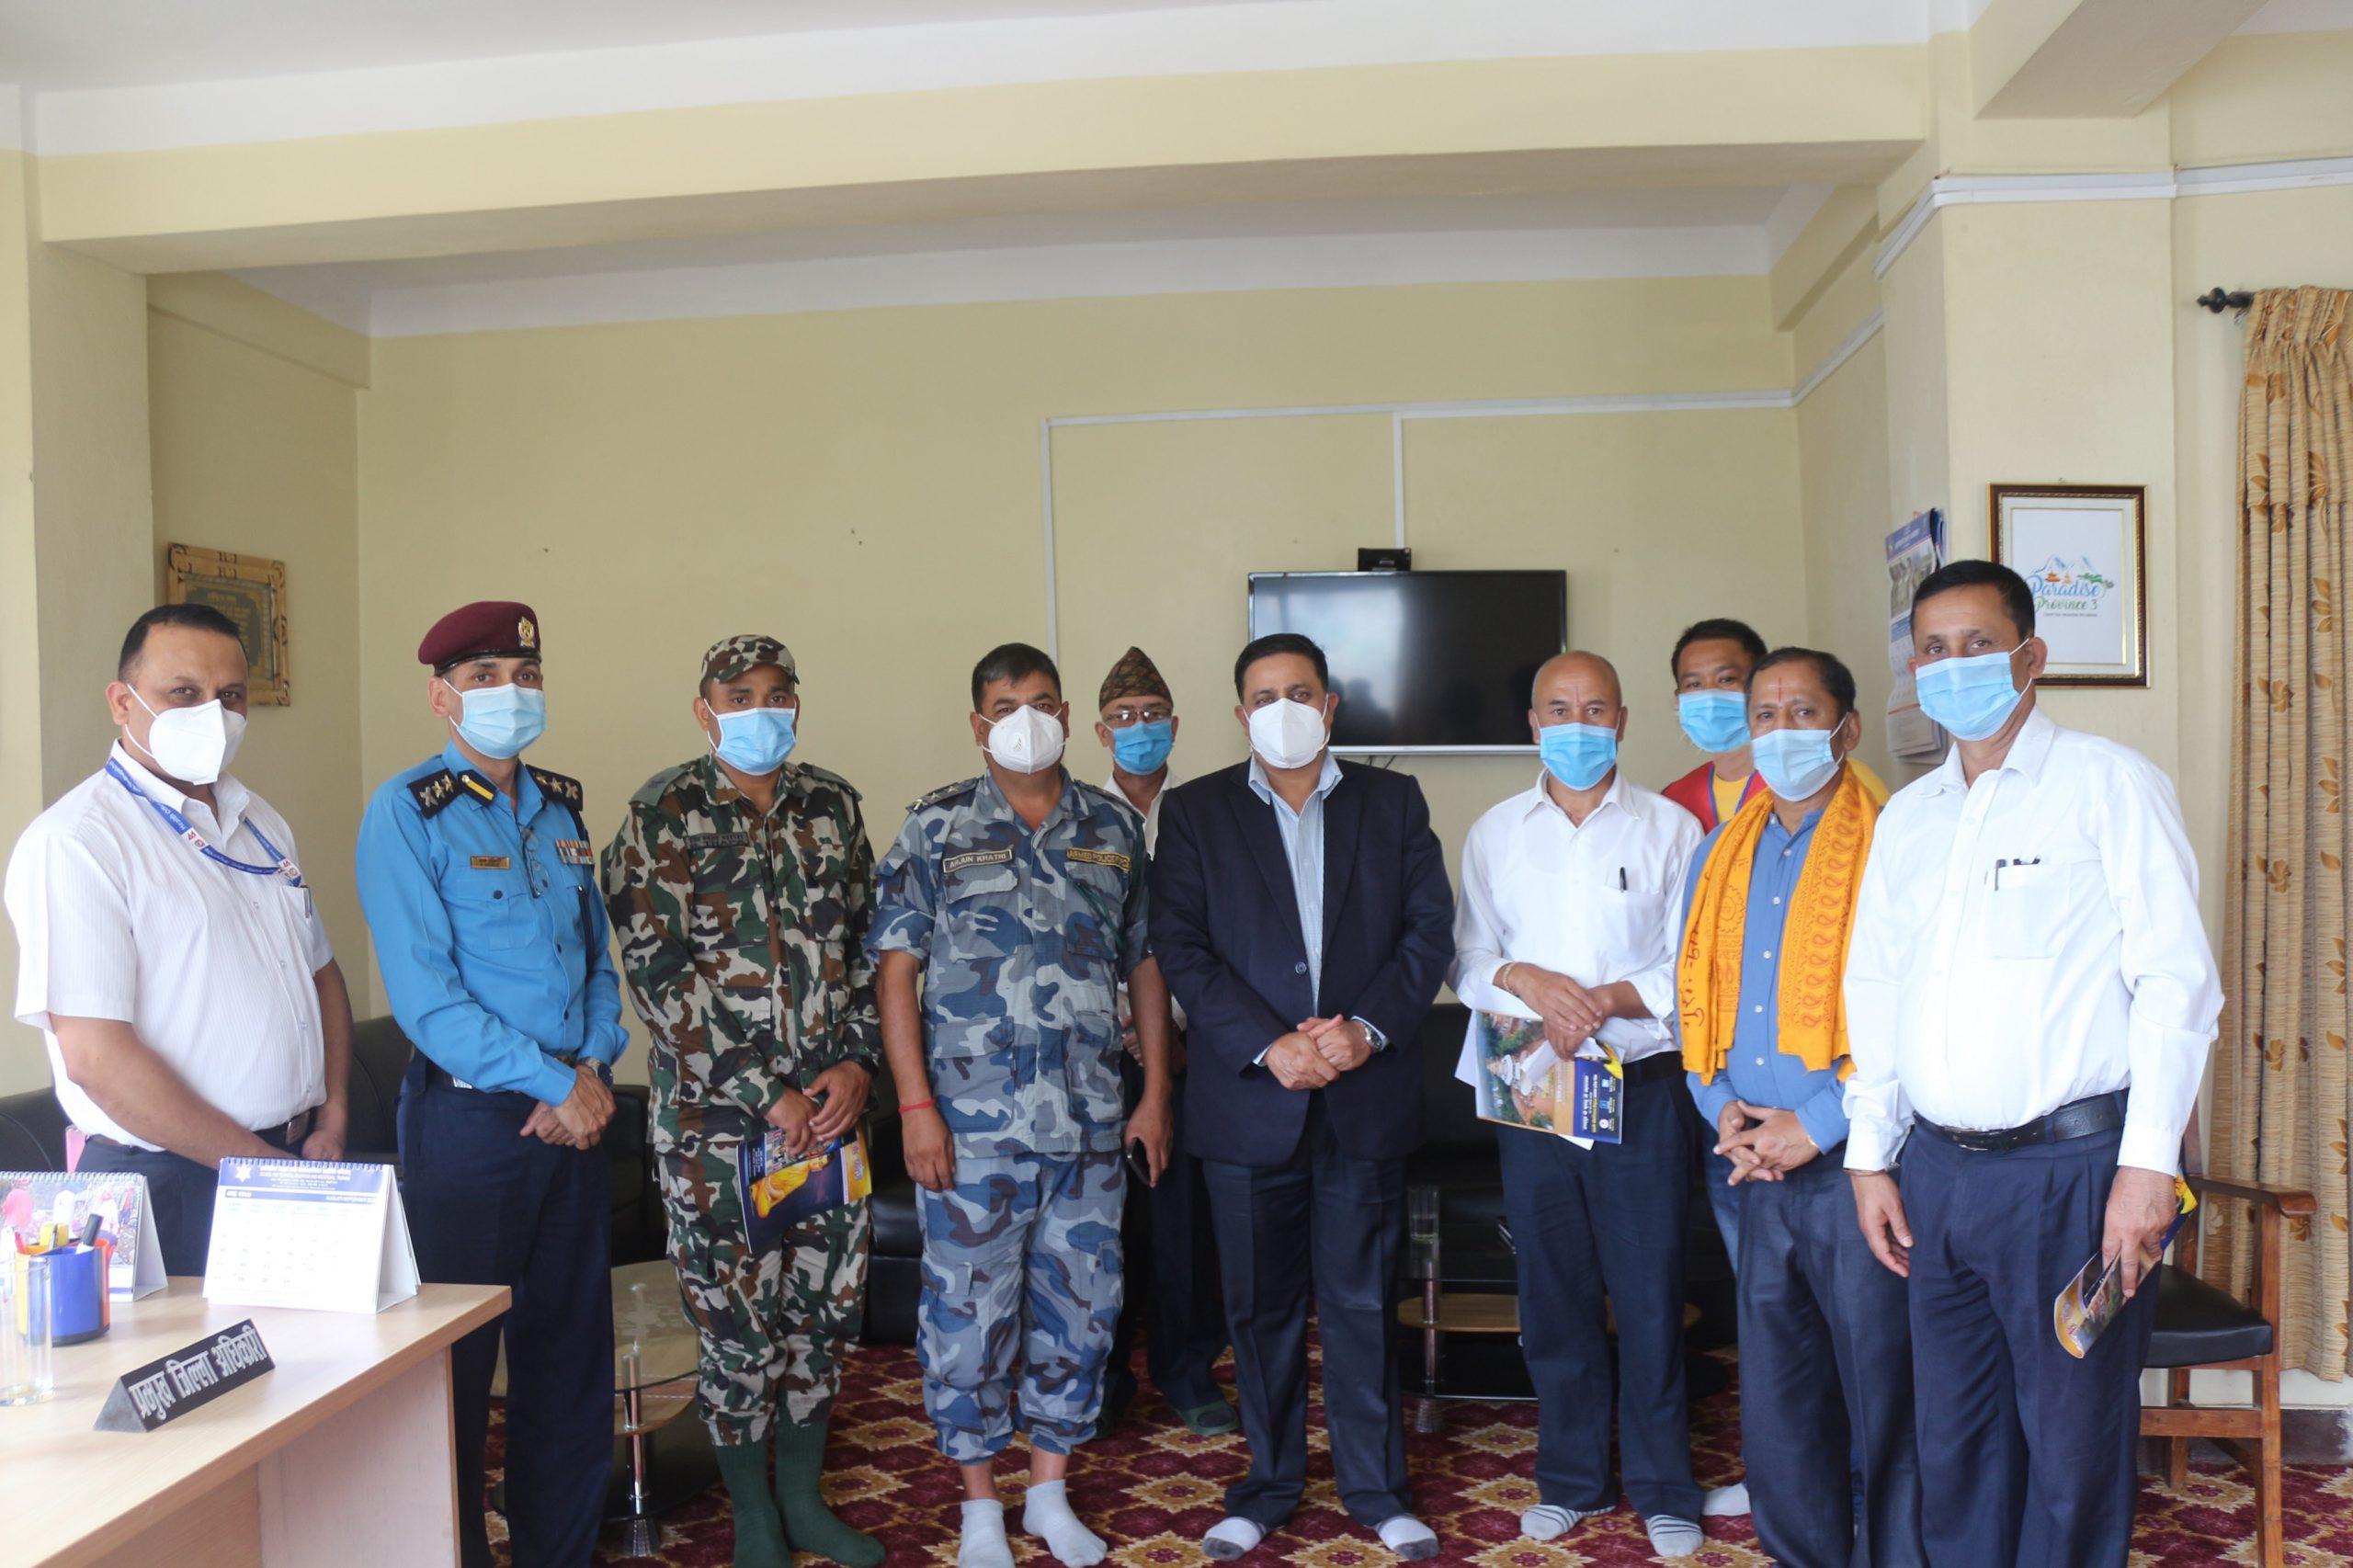 श्री राधामाधव समिति नेपालद्वारा बाढी पहिरो पीडितलाई राहत सेवा हस्तान्तर